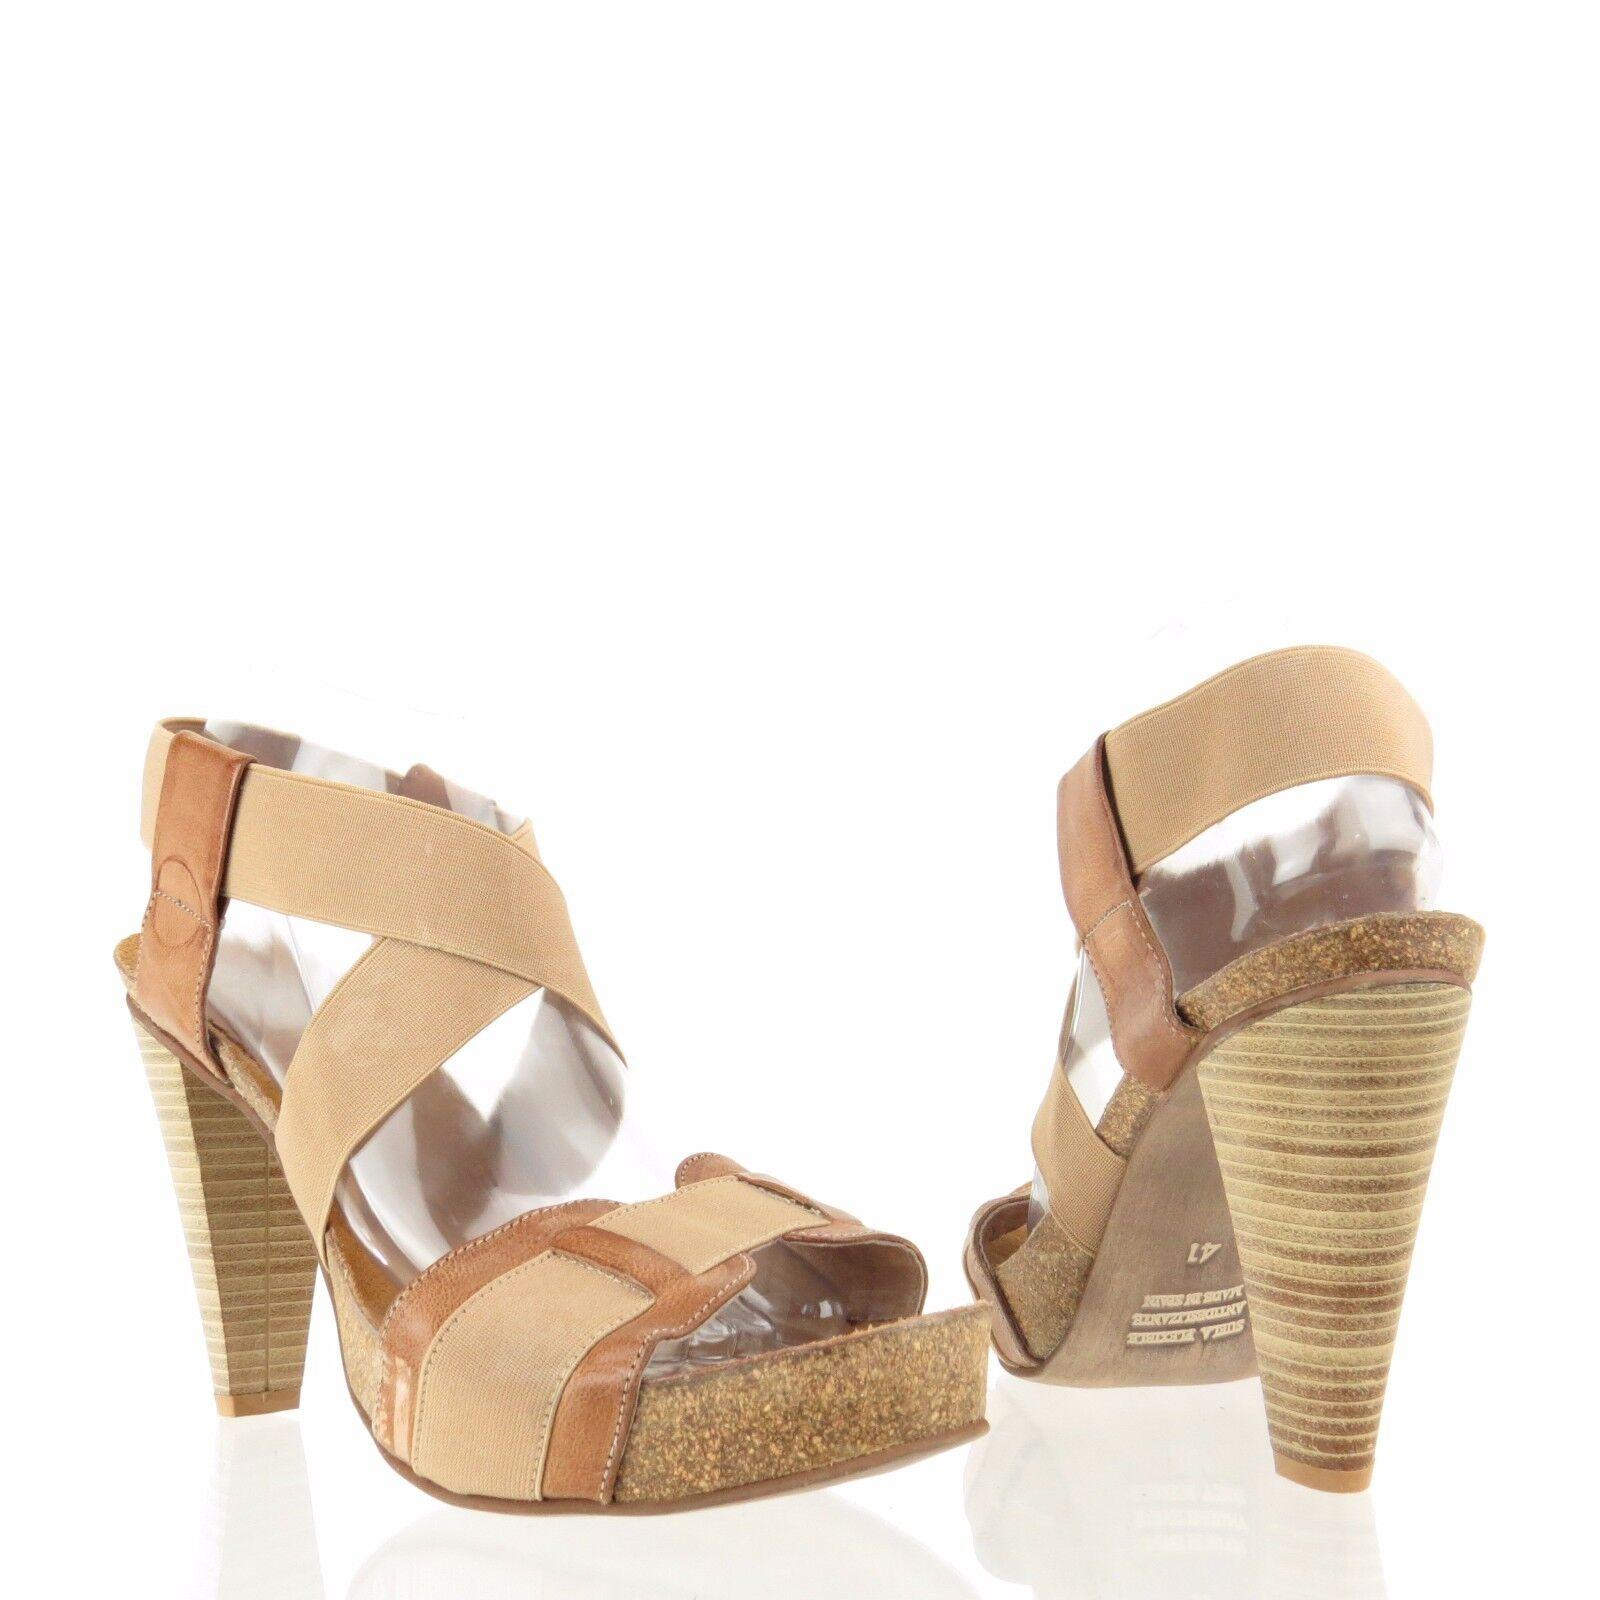 Ultimo 2018 Cordani Donna  scarpe Marrone Elastic Platform Heel Sandals Dimensione Dimensione Dimensione EU 41 NEW   Spedizione gratuita per tutti gli ordini